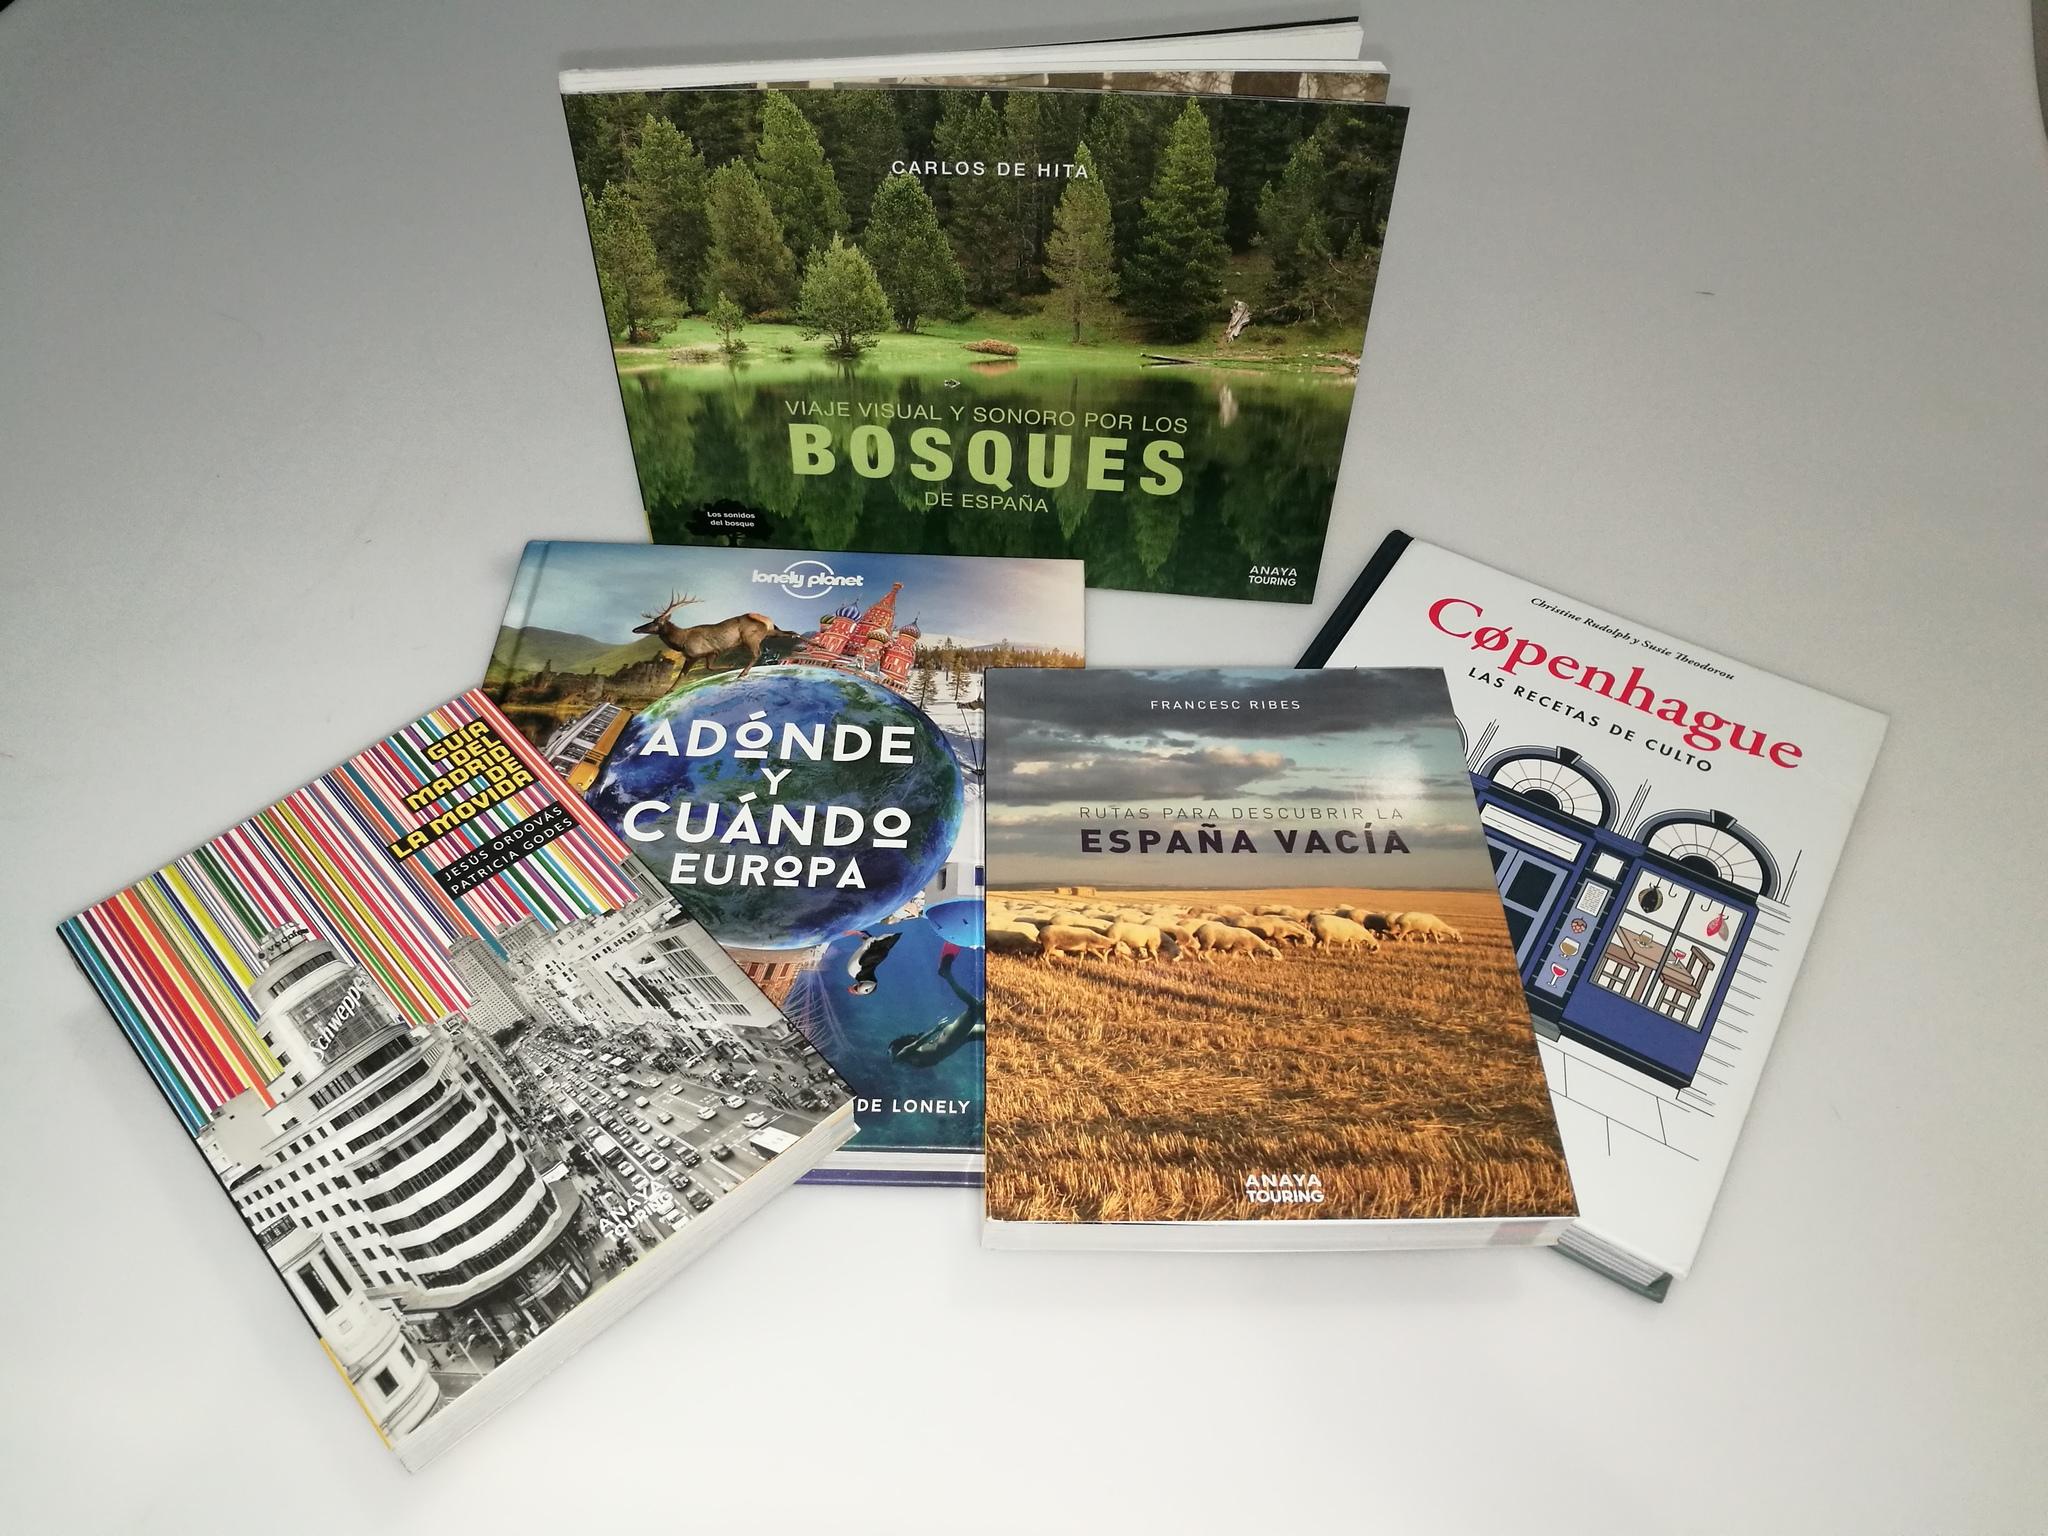 VIAJES regalará un lote de libros y guías a la fotografía más original.